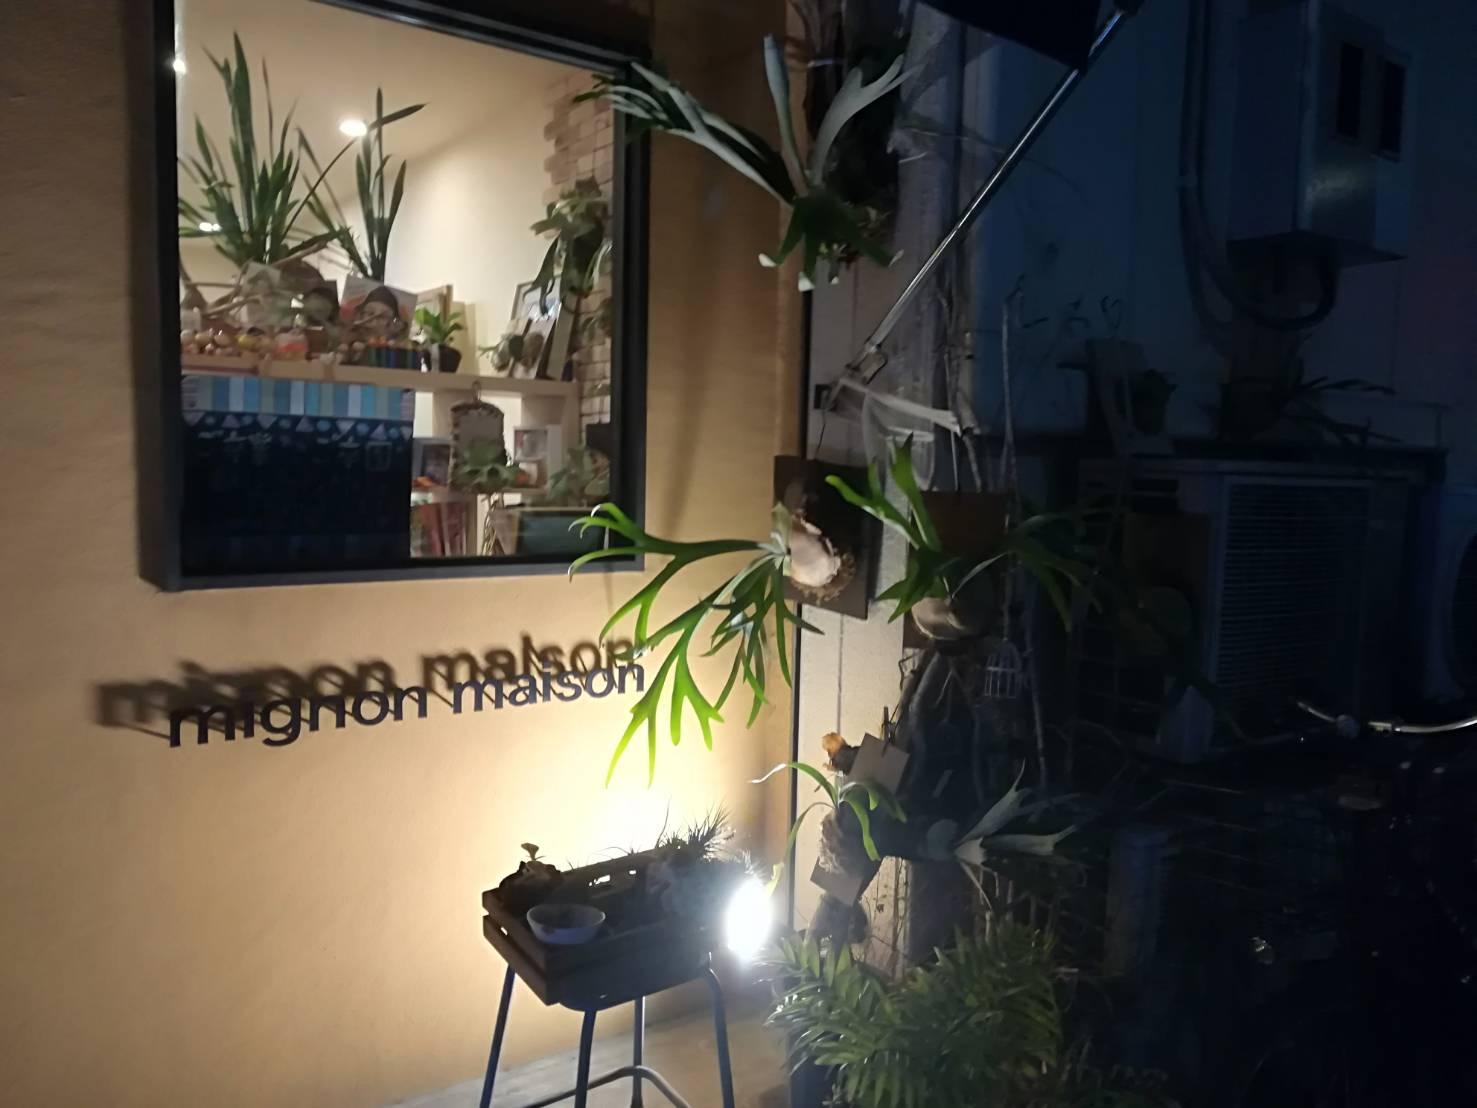 押上のビカクシダがある美容室「mignon maison」にお邪魔してきました...